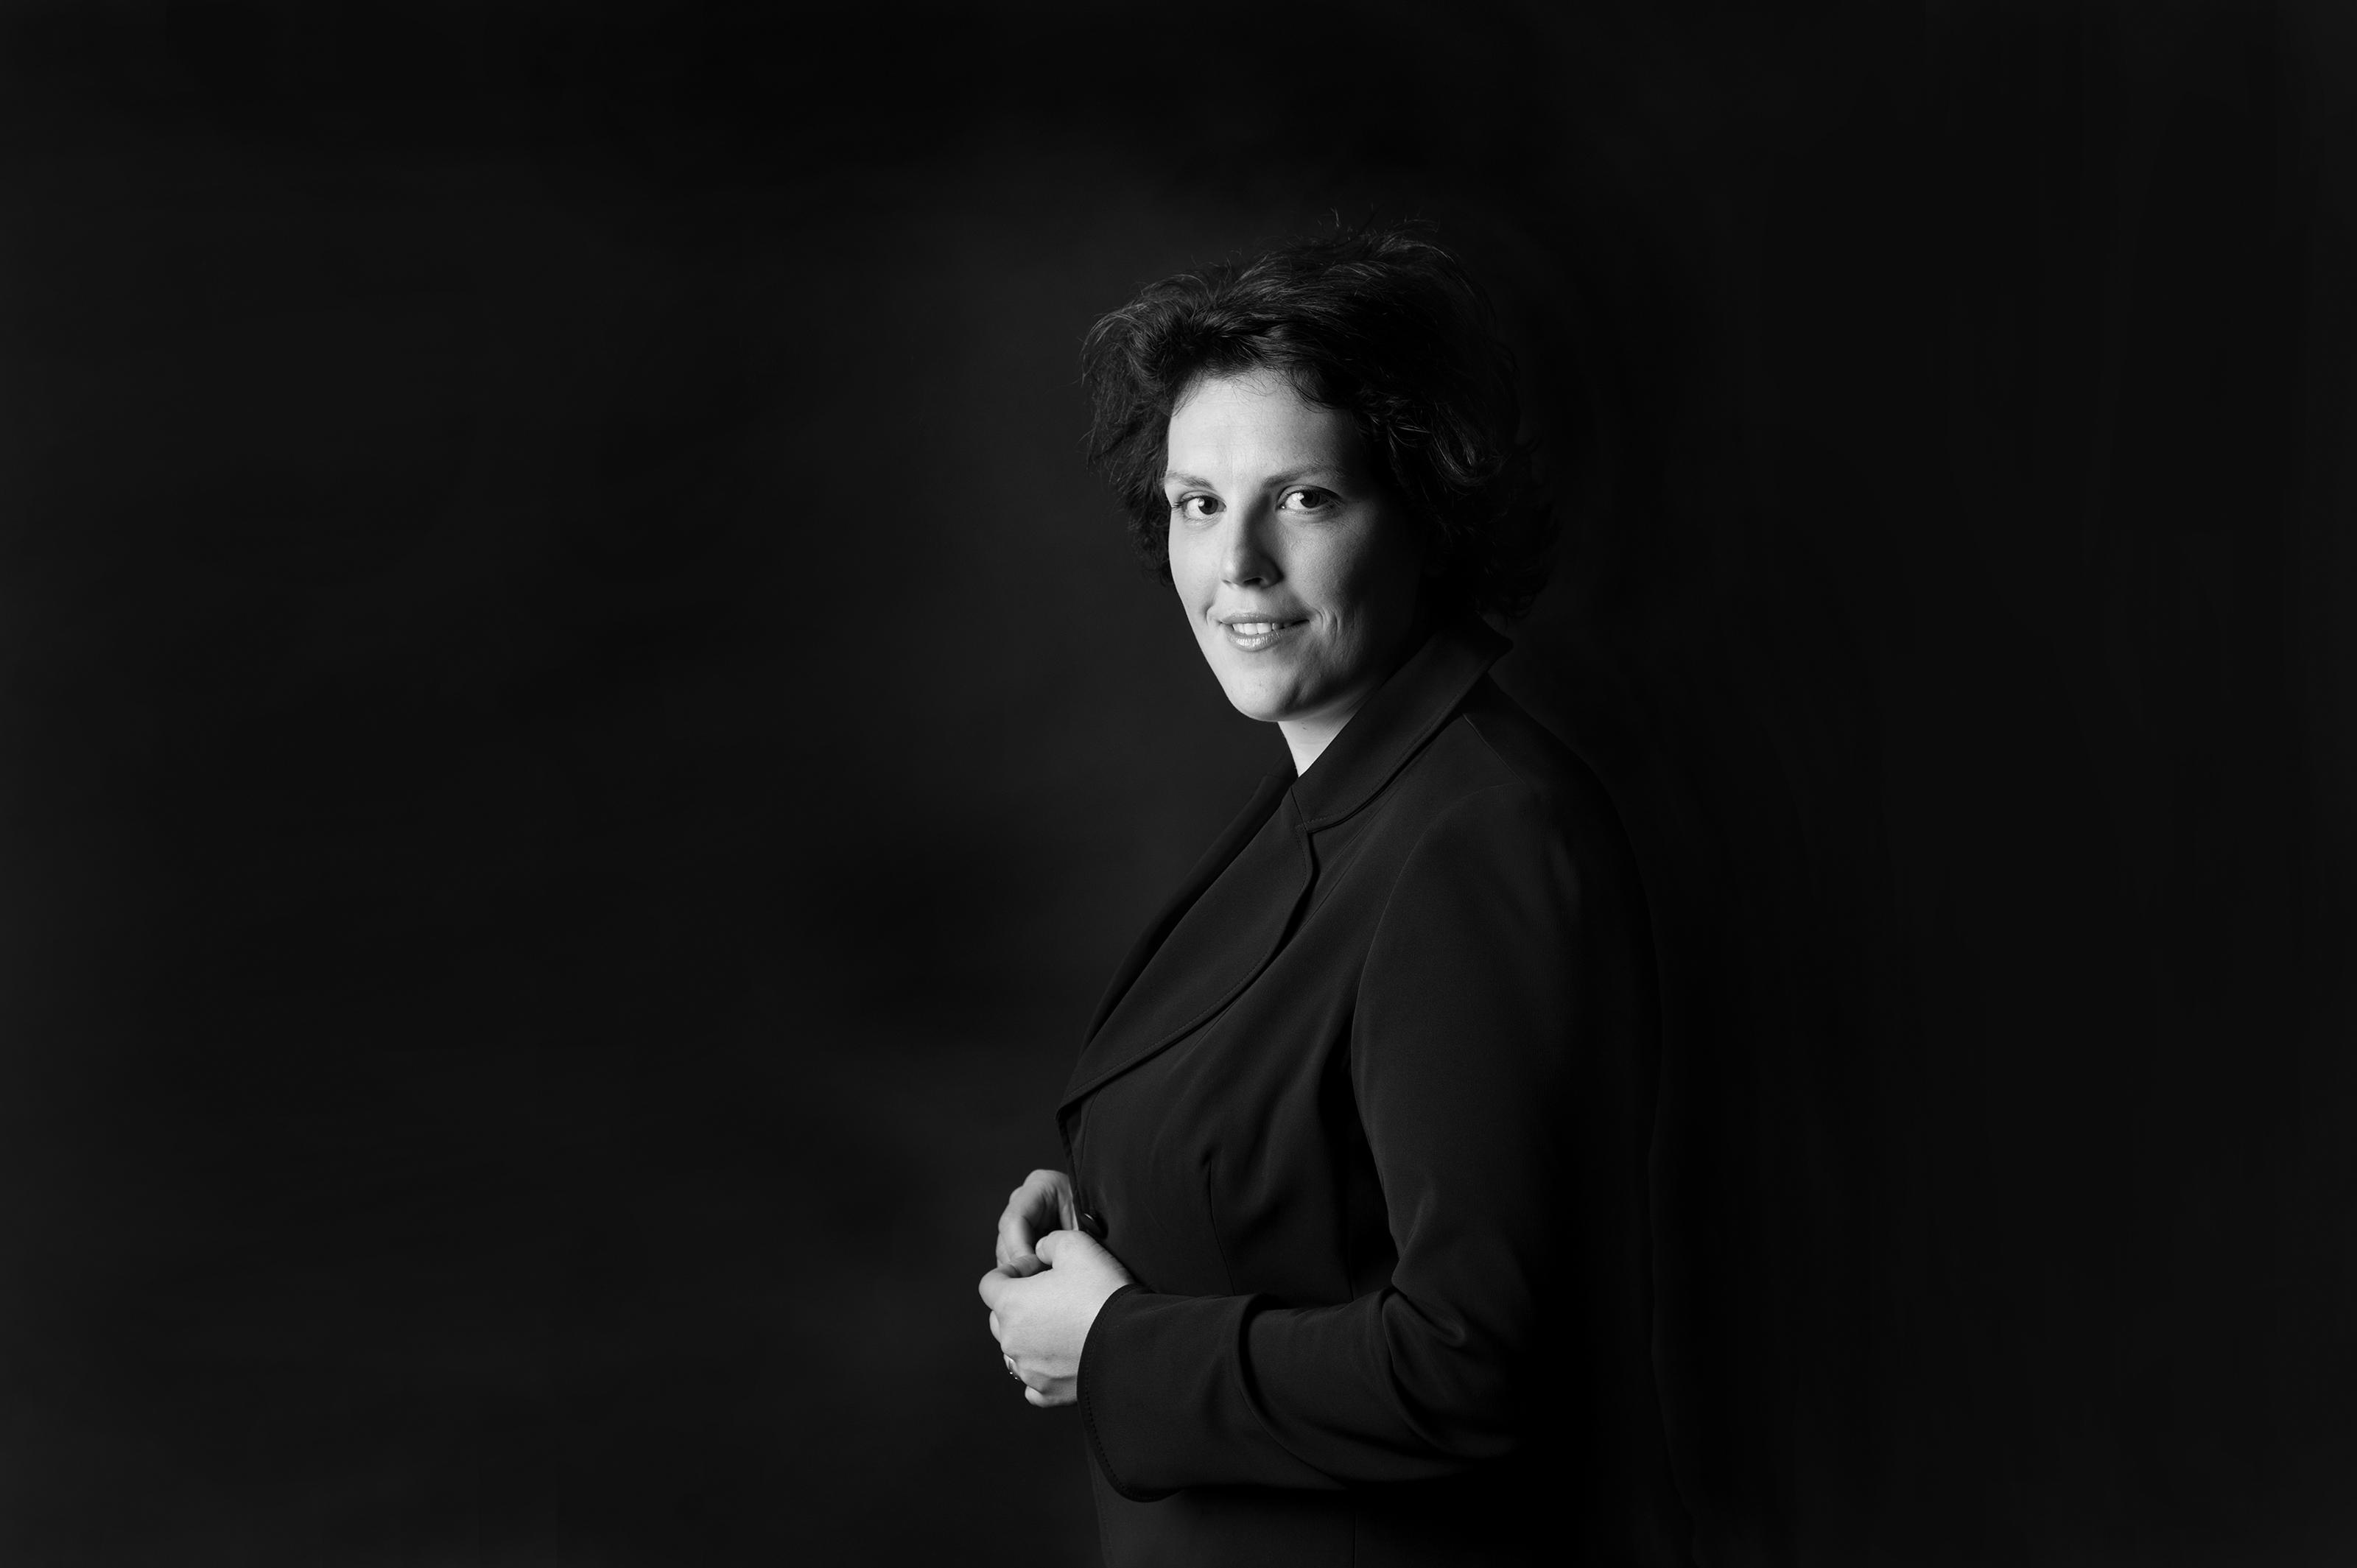 portretfoto Fabienne van Luin